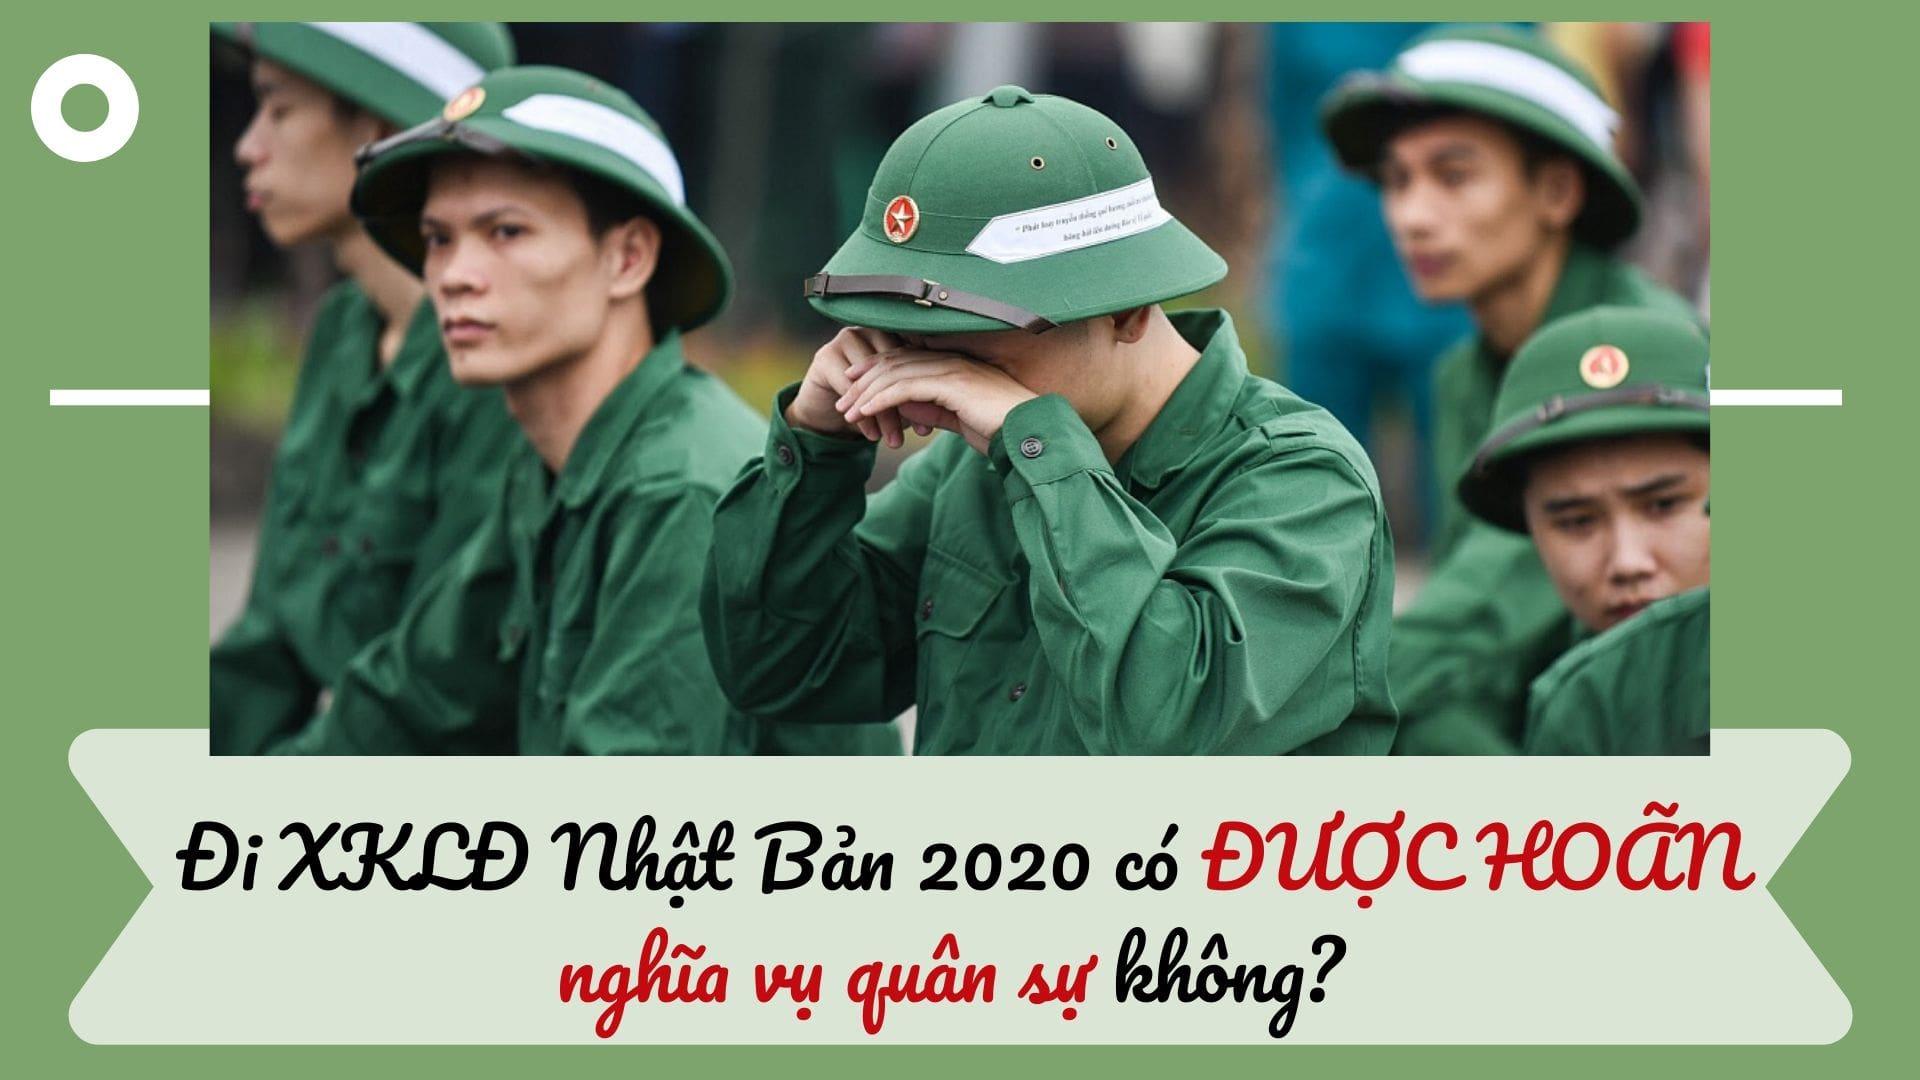 Đi XKLĐ Nhật Bản 2020 có được hoãn đi nghĩa vụ quân sự hay không?